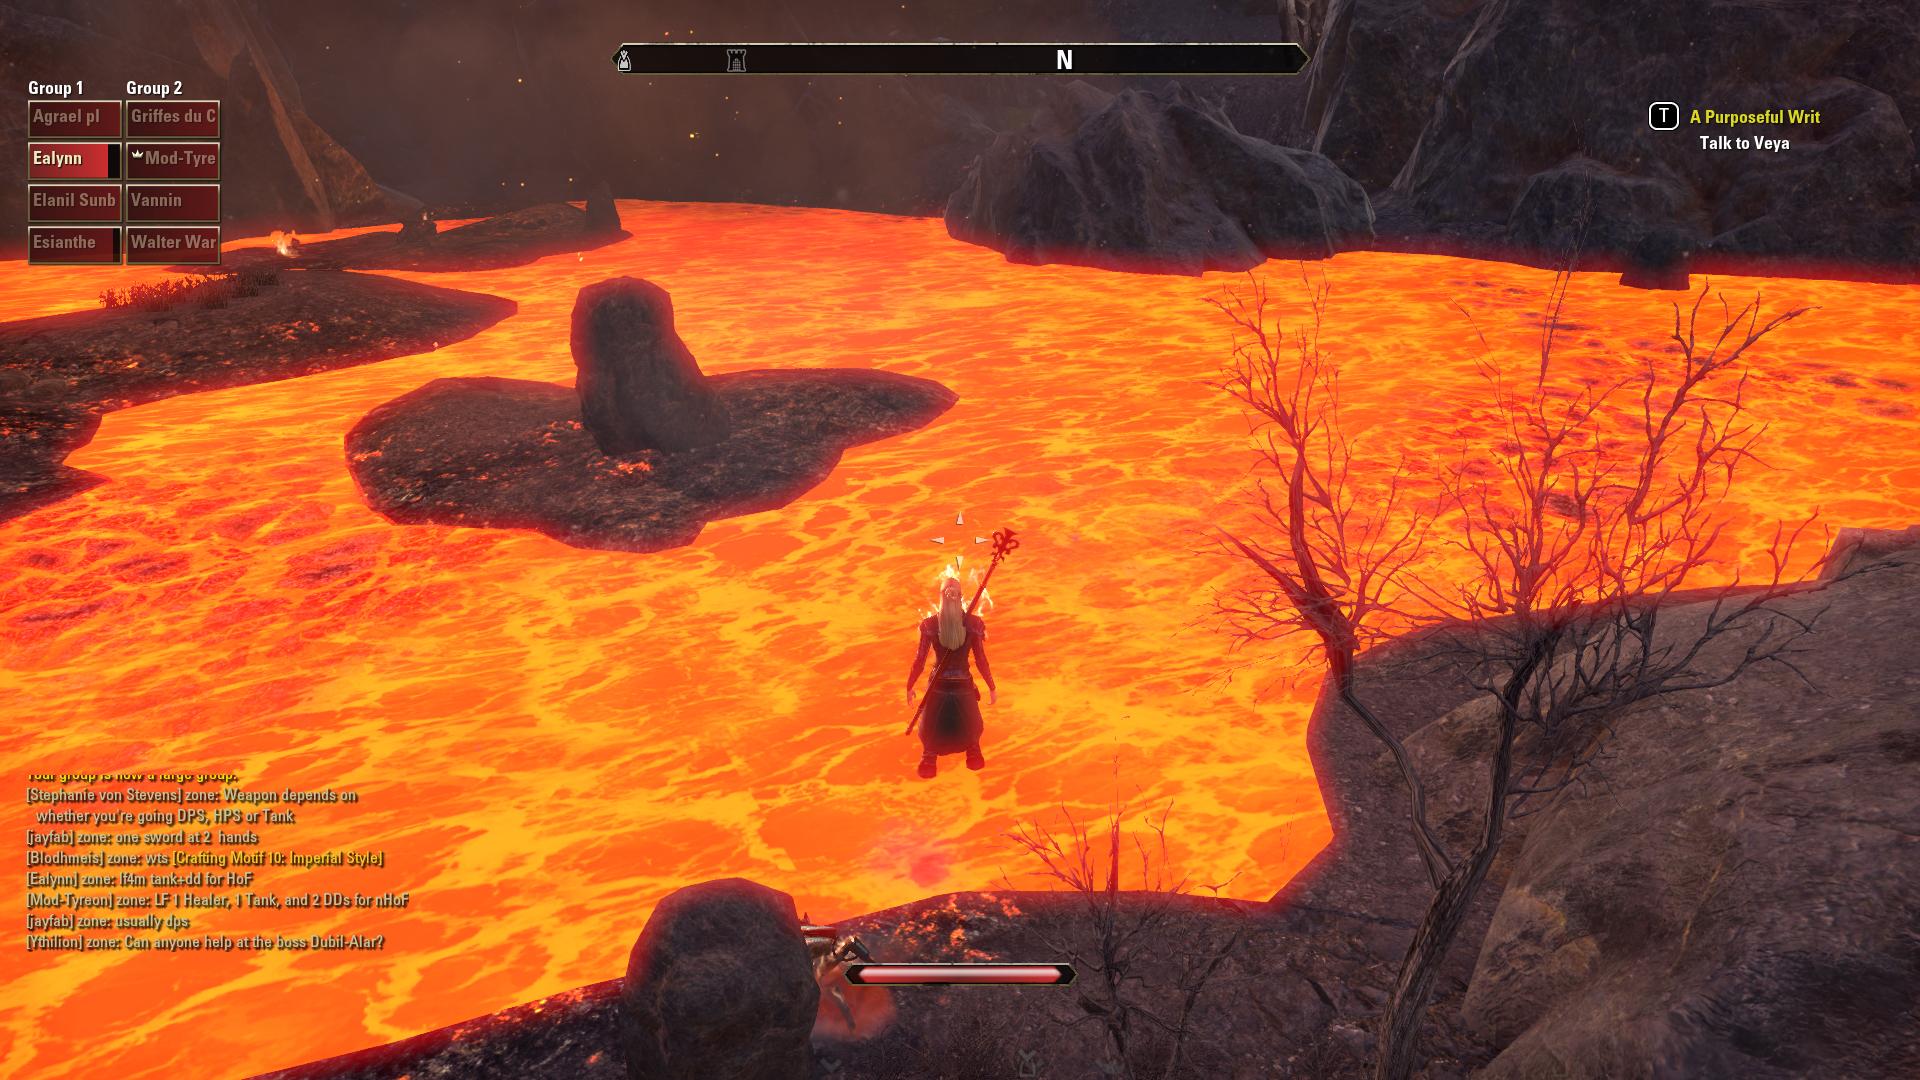 «Oj, der er det noe —» og vips var man på spasertur i nabolagets lavasjø. (Skjermdump: Bethesda)